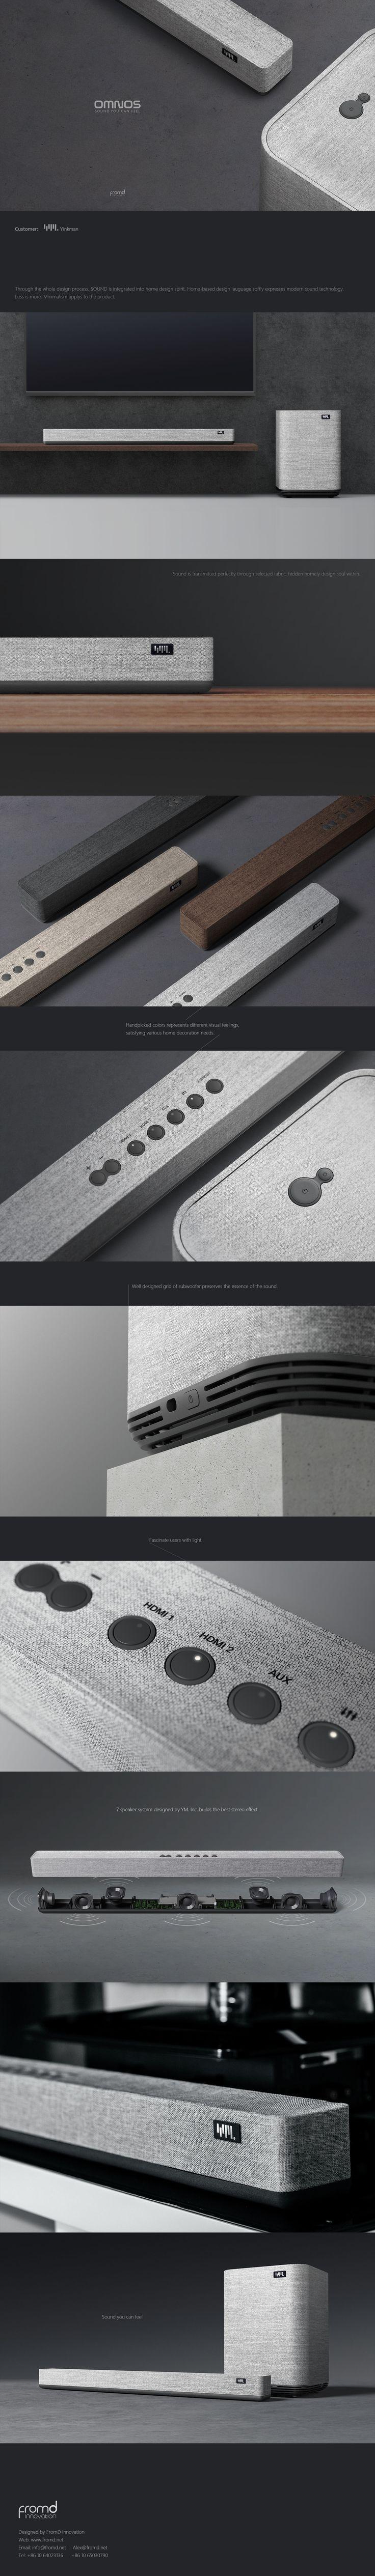 """다음 @Behance 프로젝트 확인: """"Product design: soundbar & subwoofer"""" https://www.behance.net/gallery/46314581/Product-design-soundbar-subwoofer"""